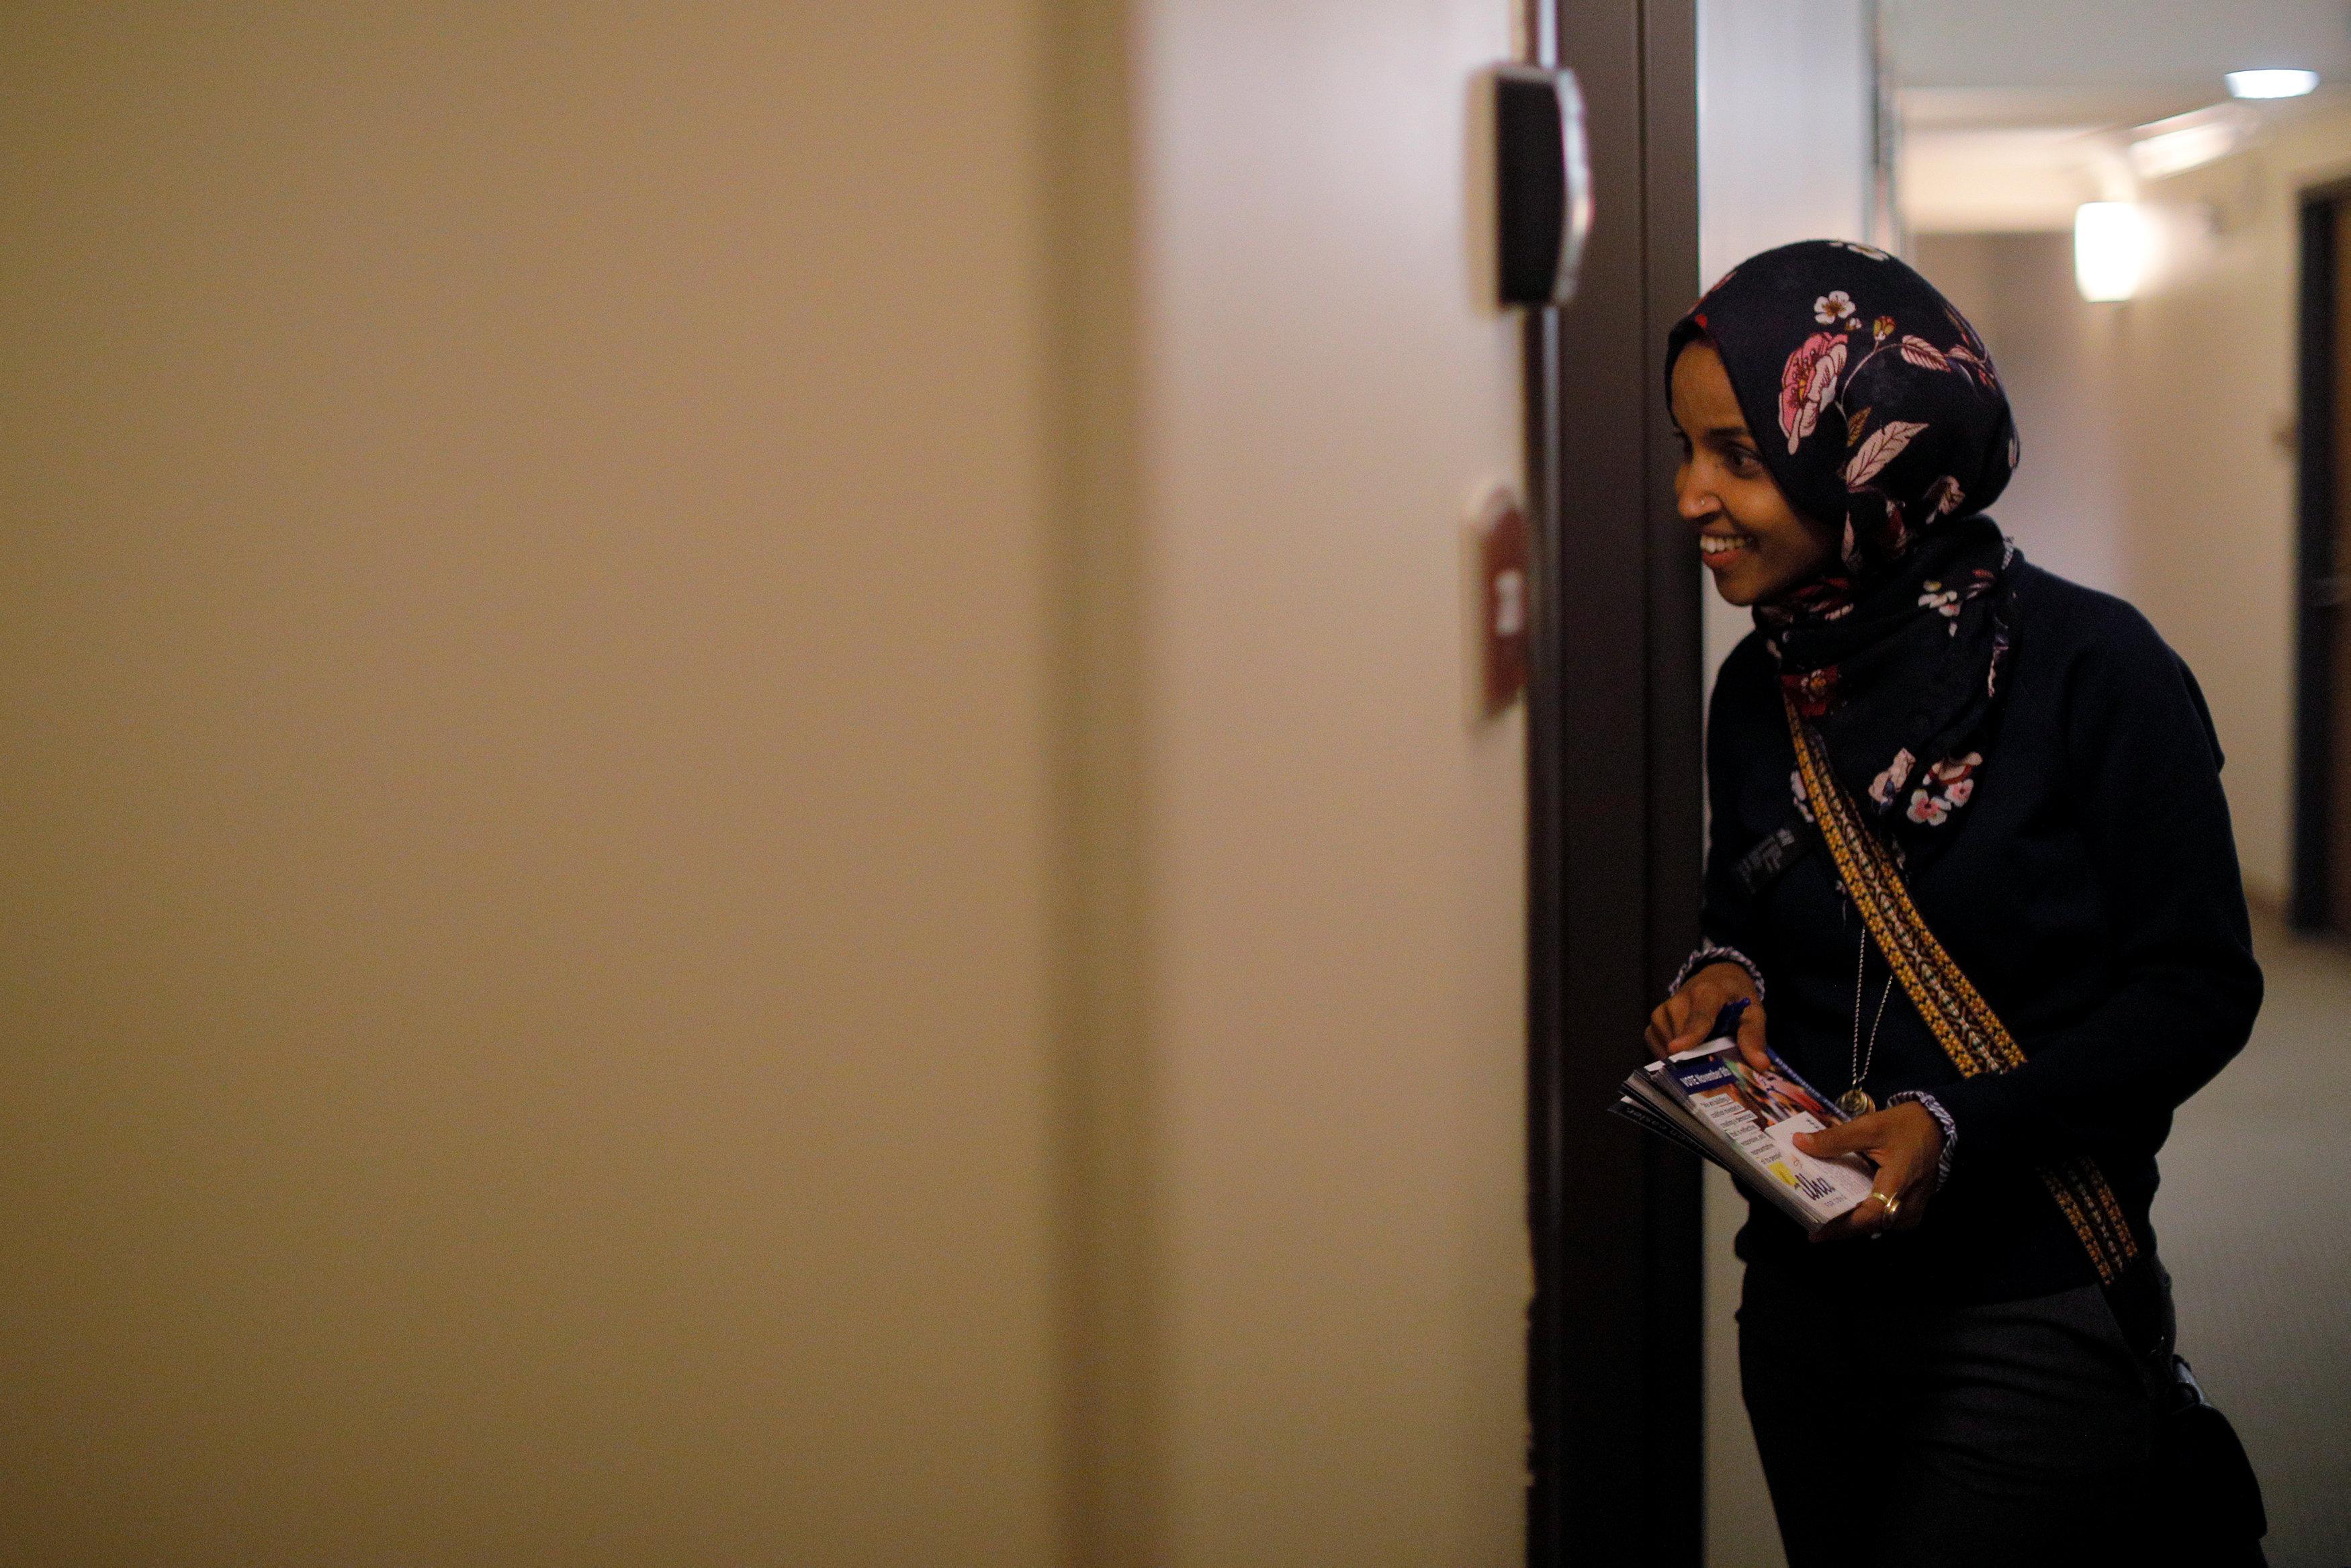 إلهان عمر ضمن حملة طرق الأبواب الداعمة للحزب الديمقراطى